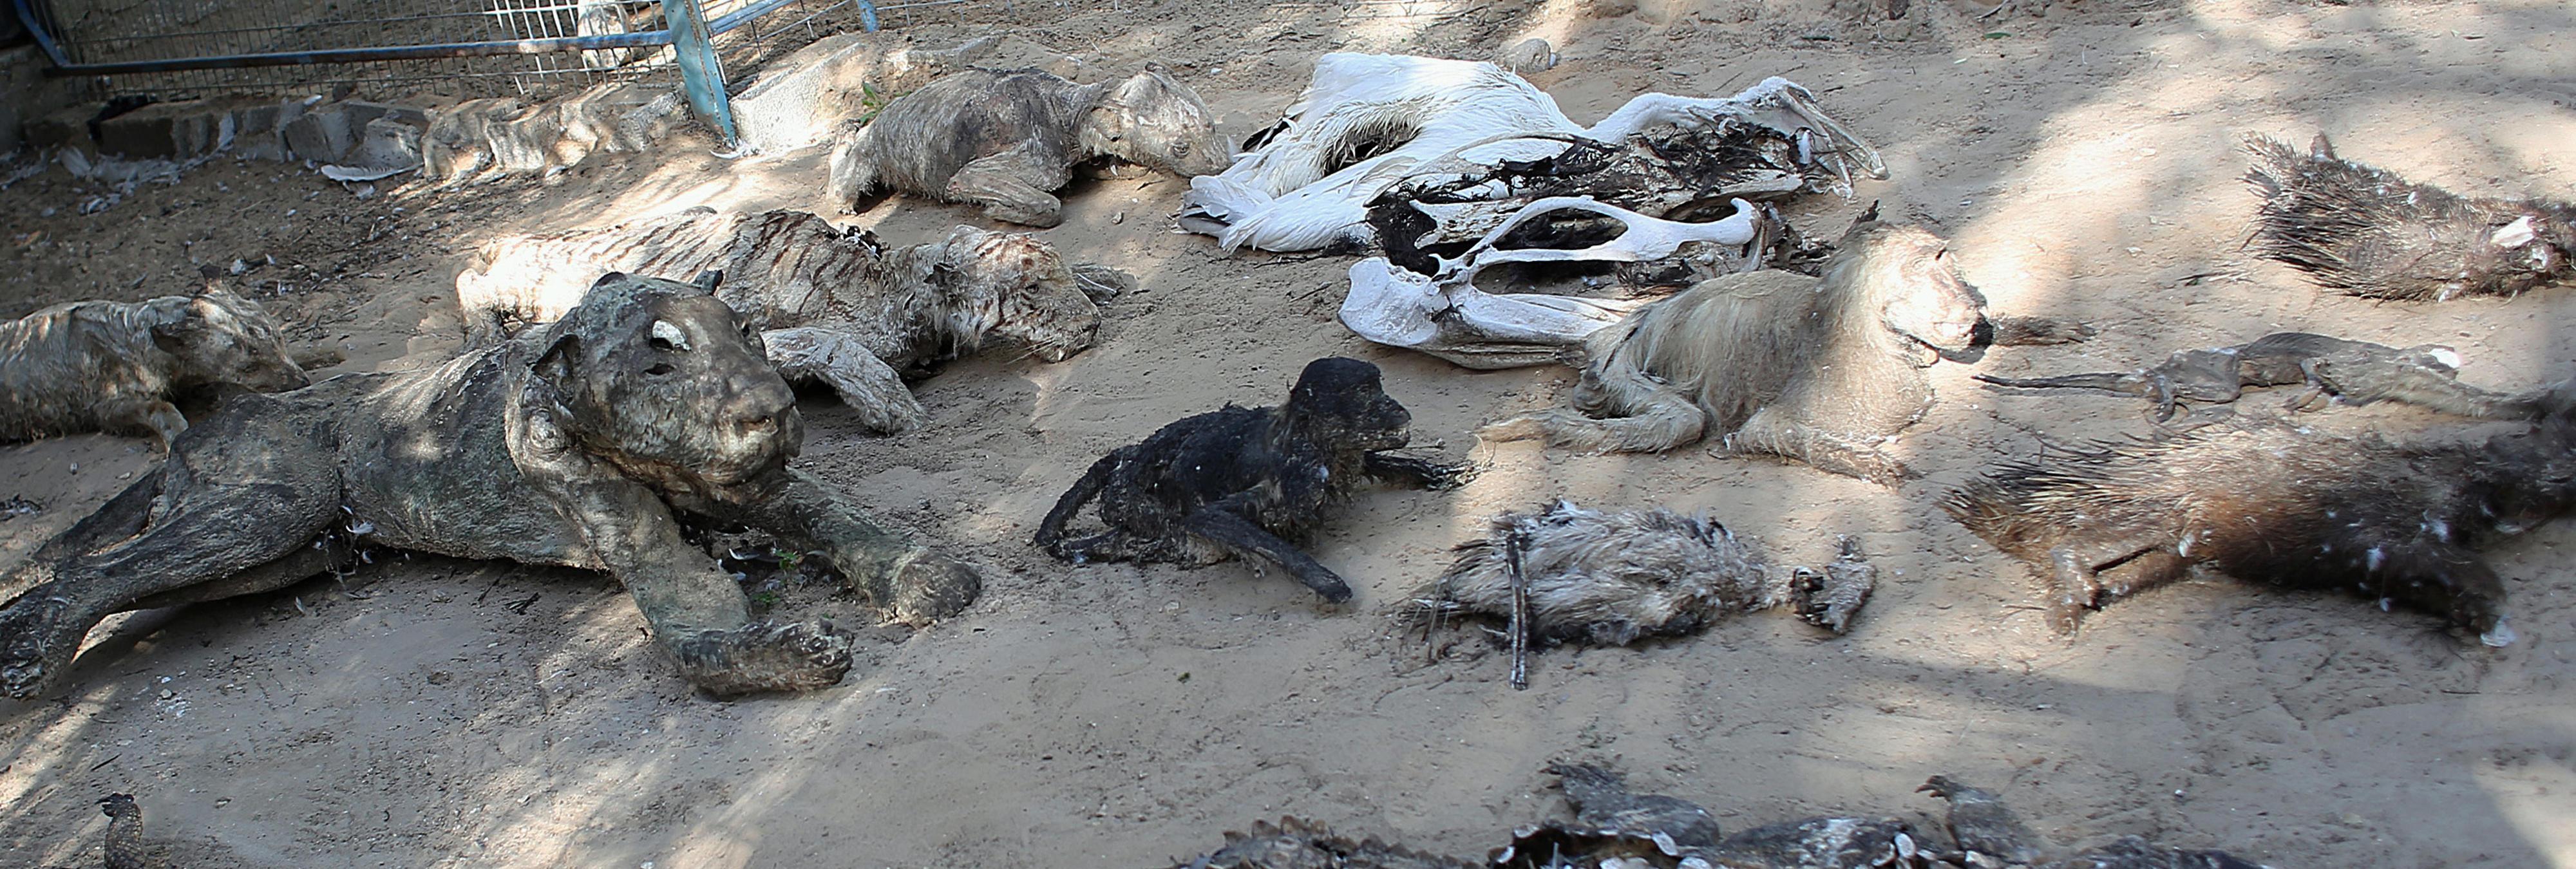 Una ONG cierra el zoo en el que convivían animales vivos y muertos